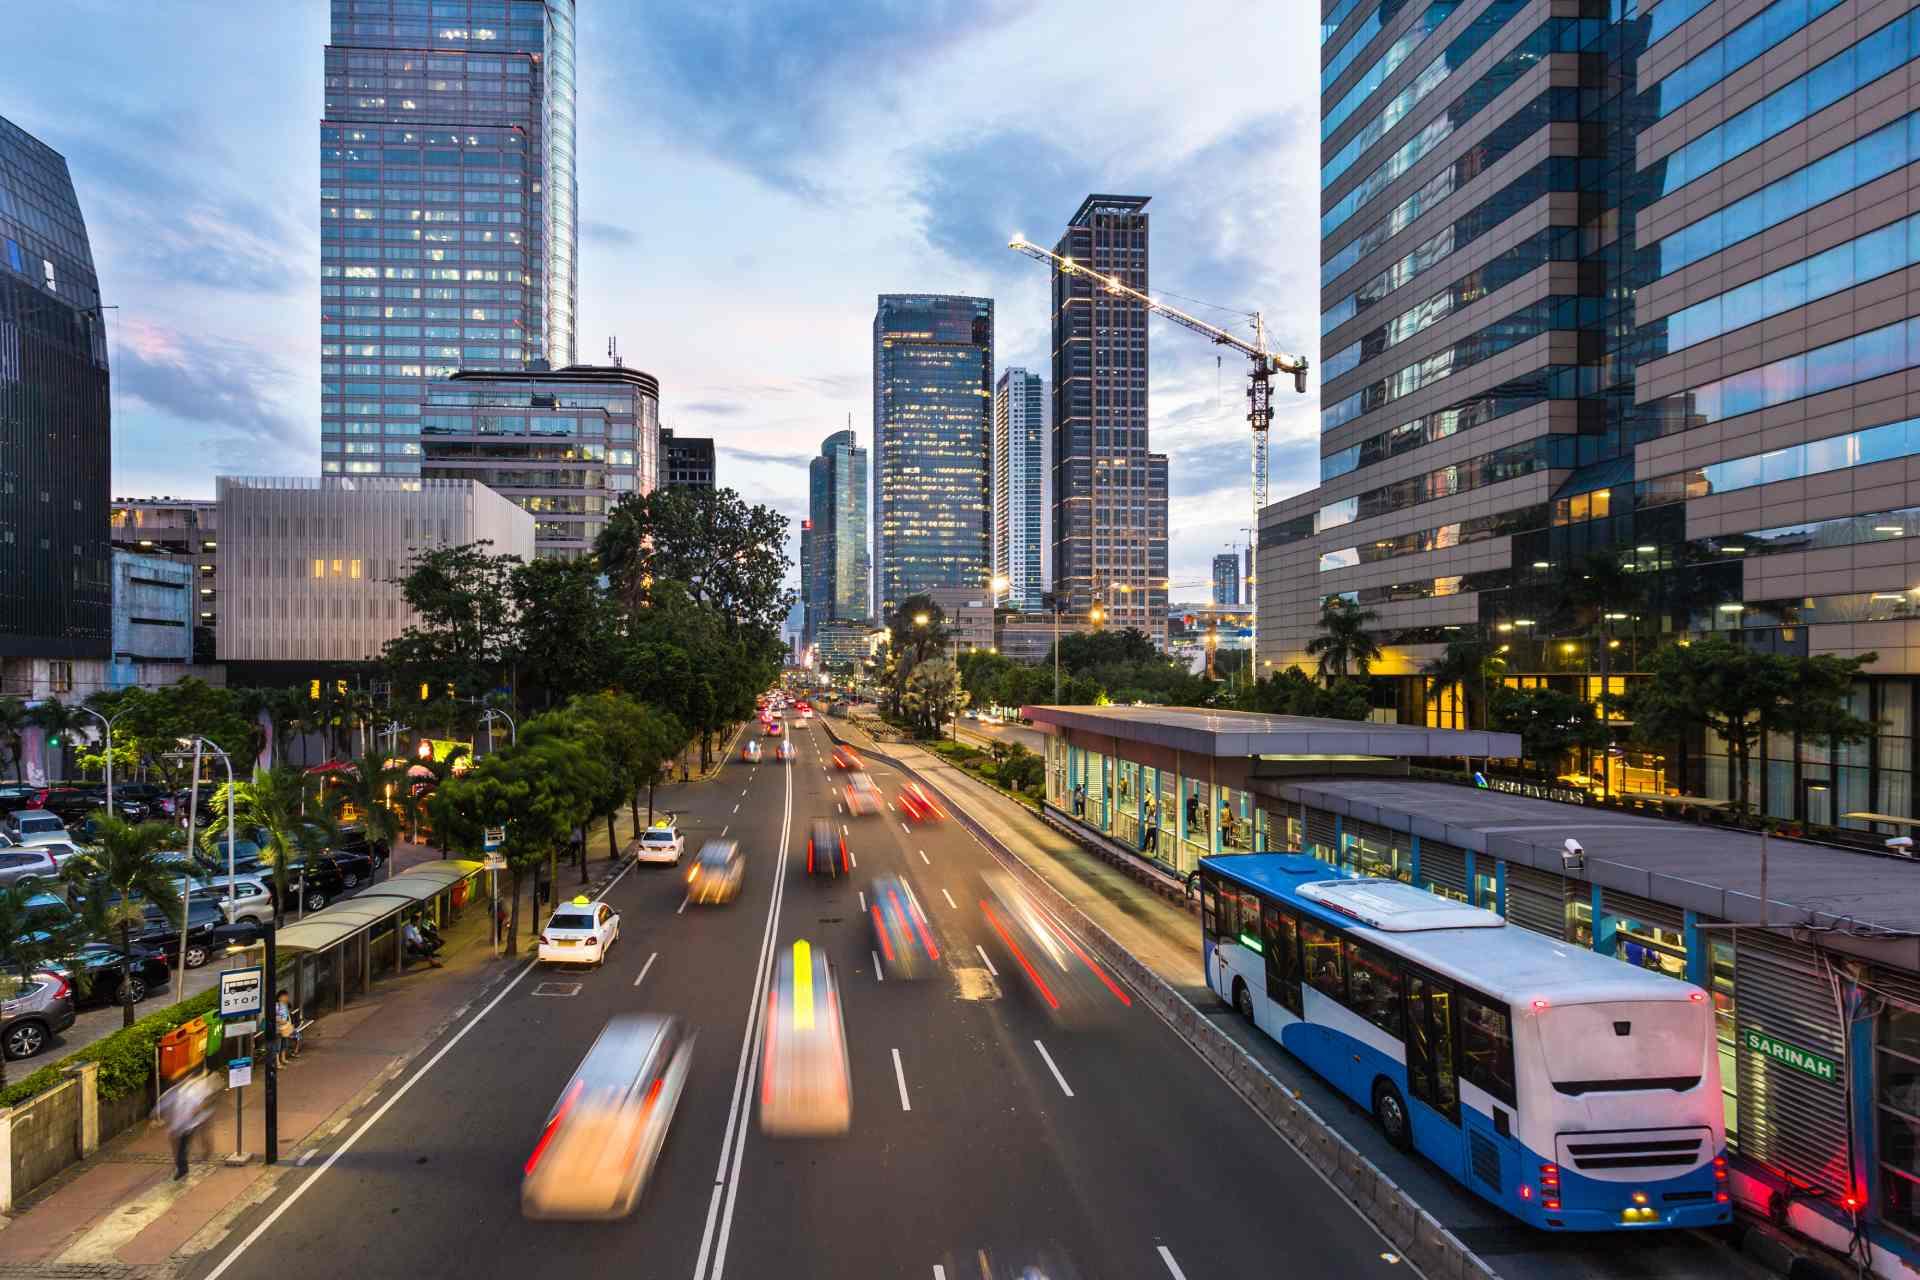 mobilità inclusiva e sostenibile